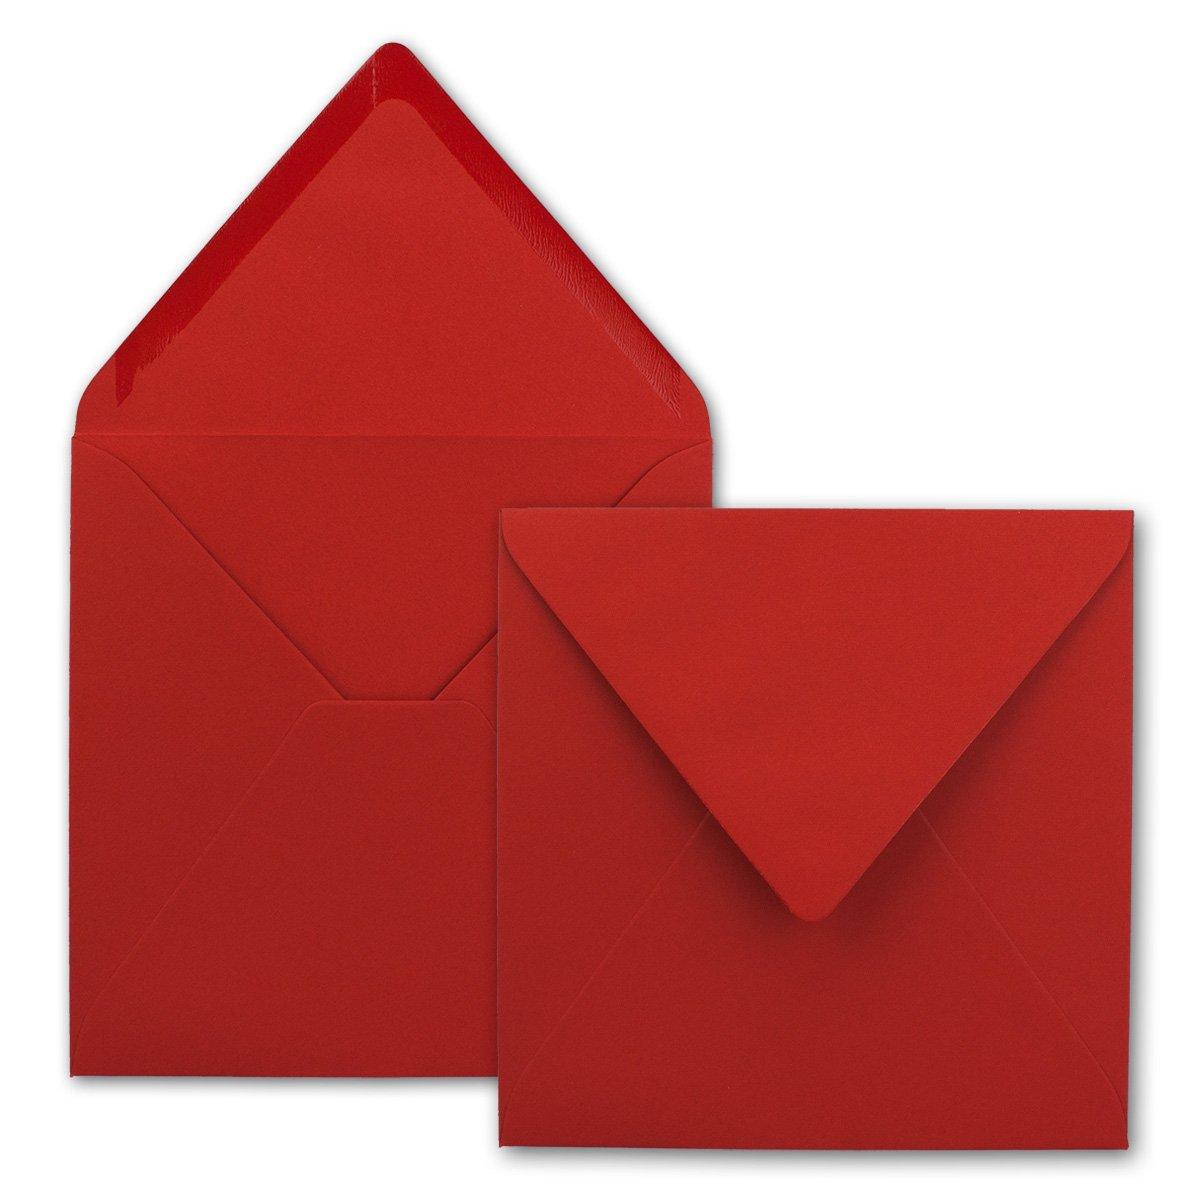 Buste per lettere quadrate/rosso, qualità pesante–molto stabile–110G/m², 158x 158mm, nassklebung, pizzo portafoglio//in della Serie colore felice di Neuser. 50 Umschläge rosso